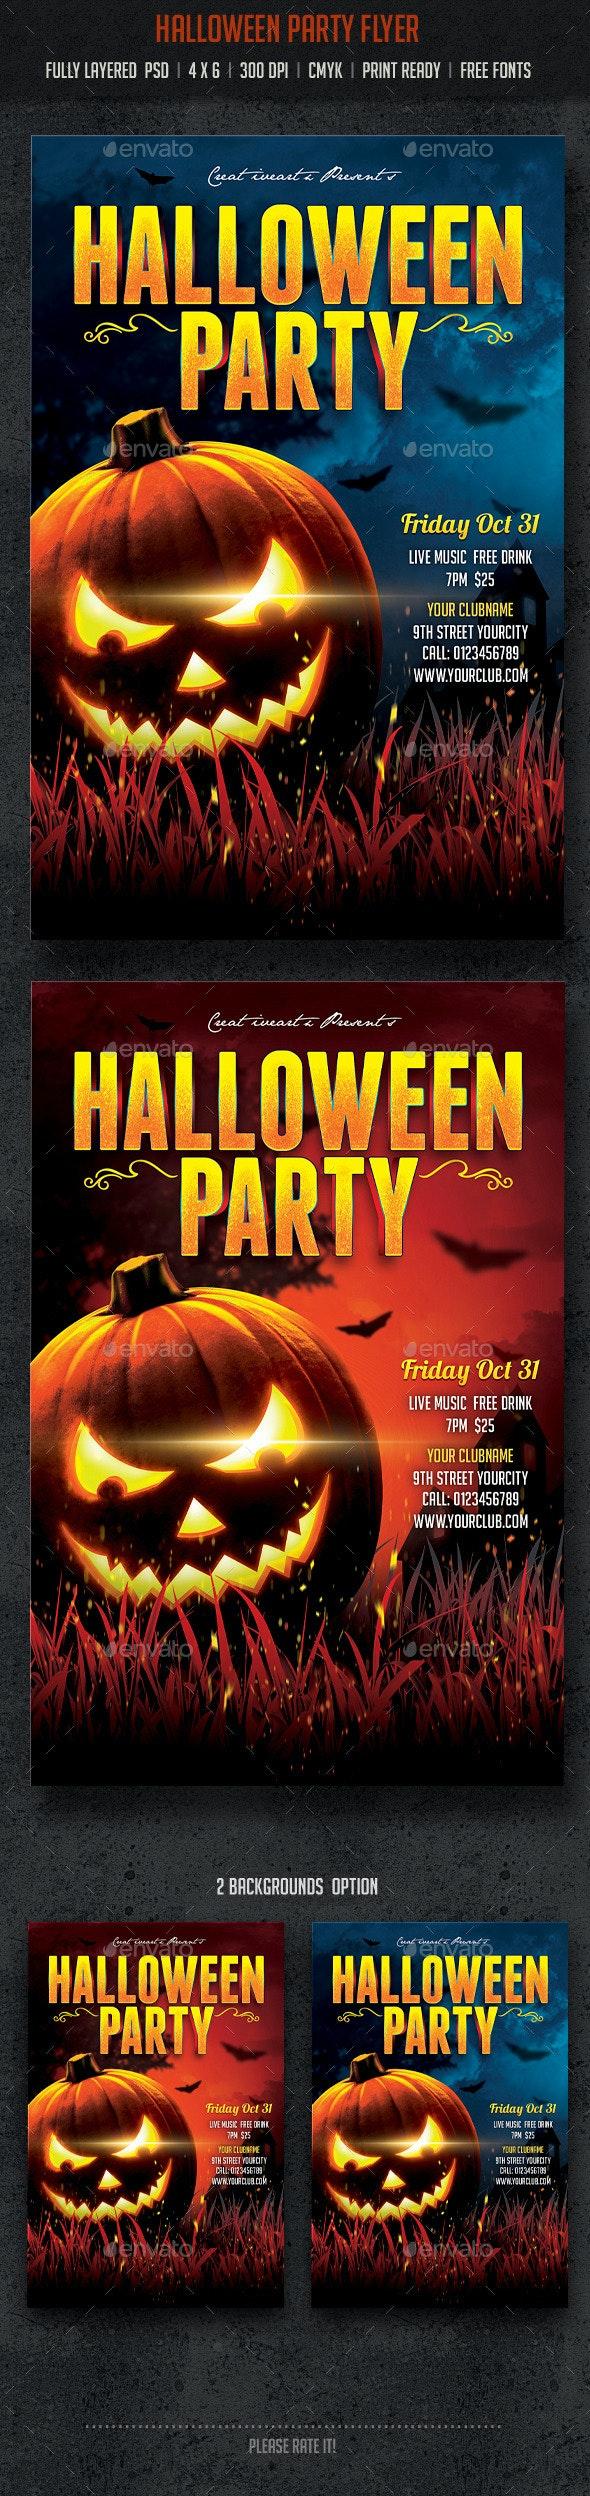 Halloween Party Flyer - Flyers Print Templates